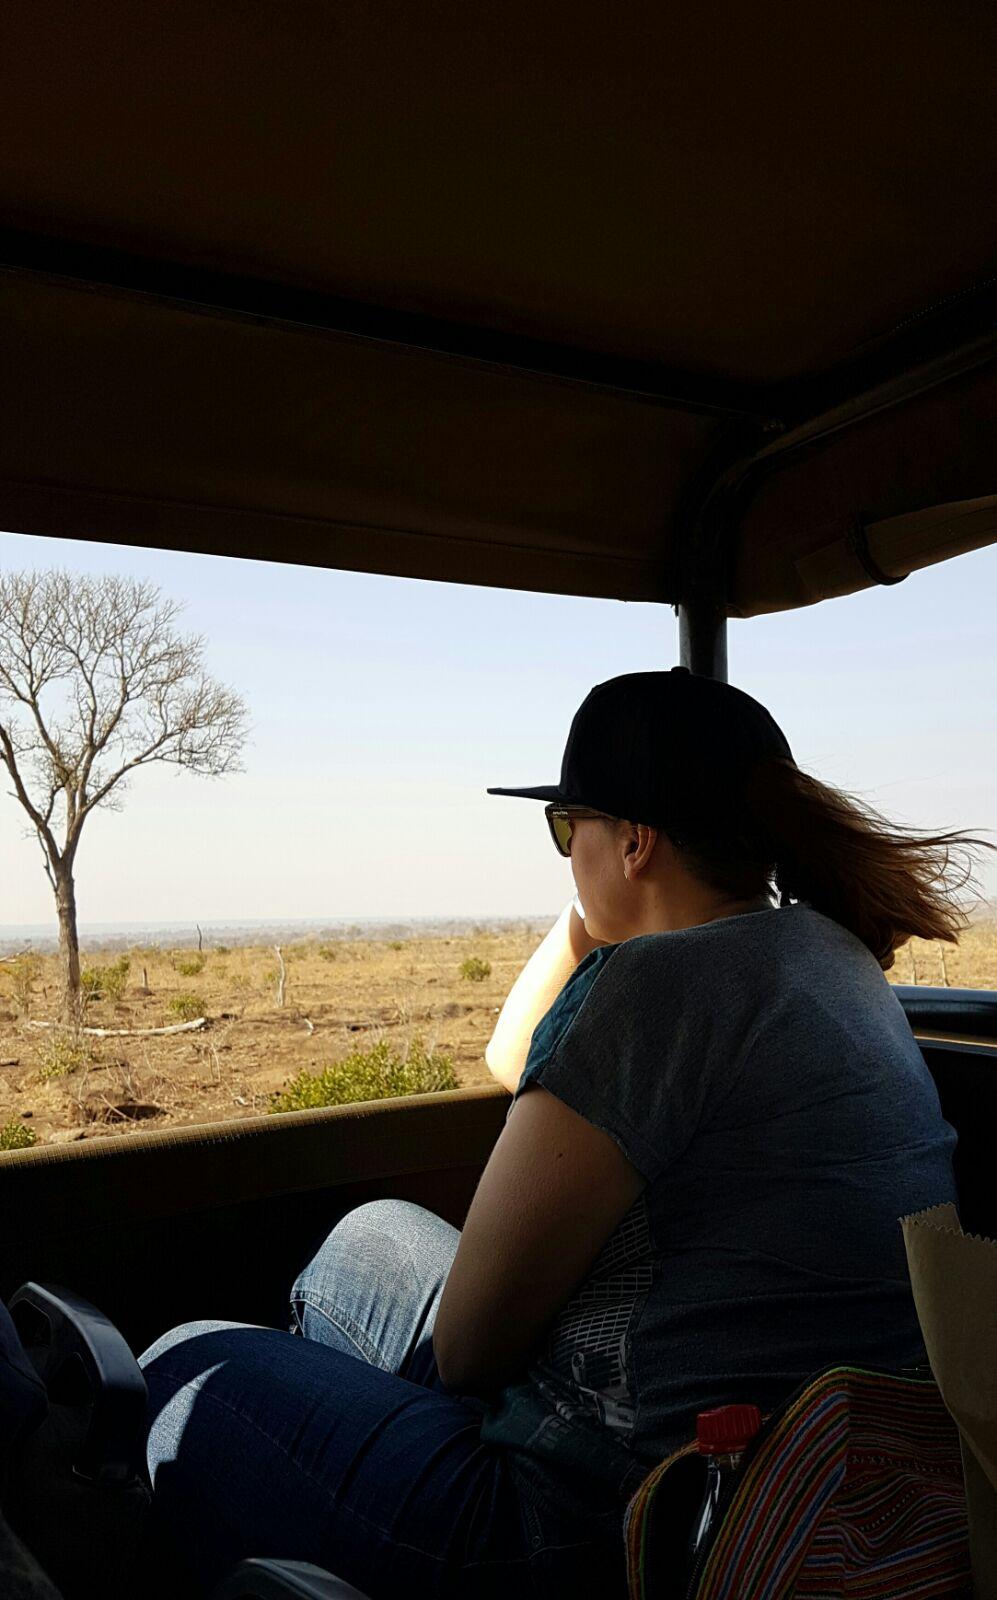 Jolanda - Bijzondere foto van mijn eerste vakantie alleen